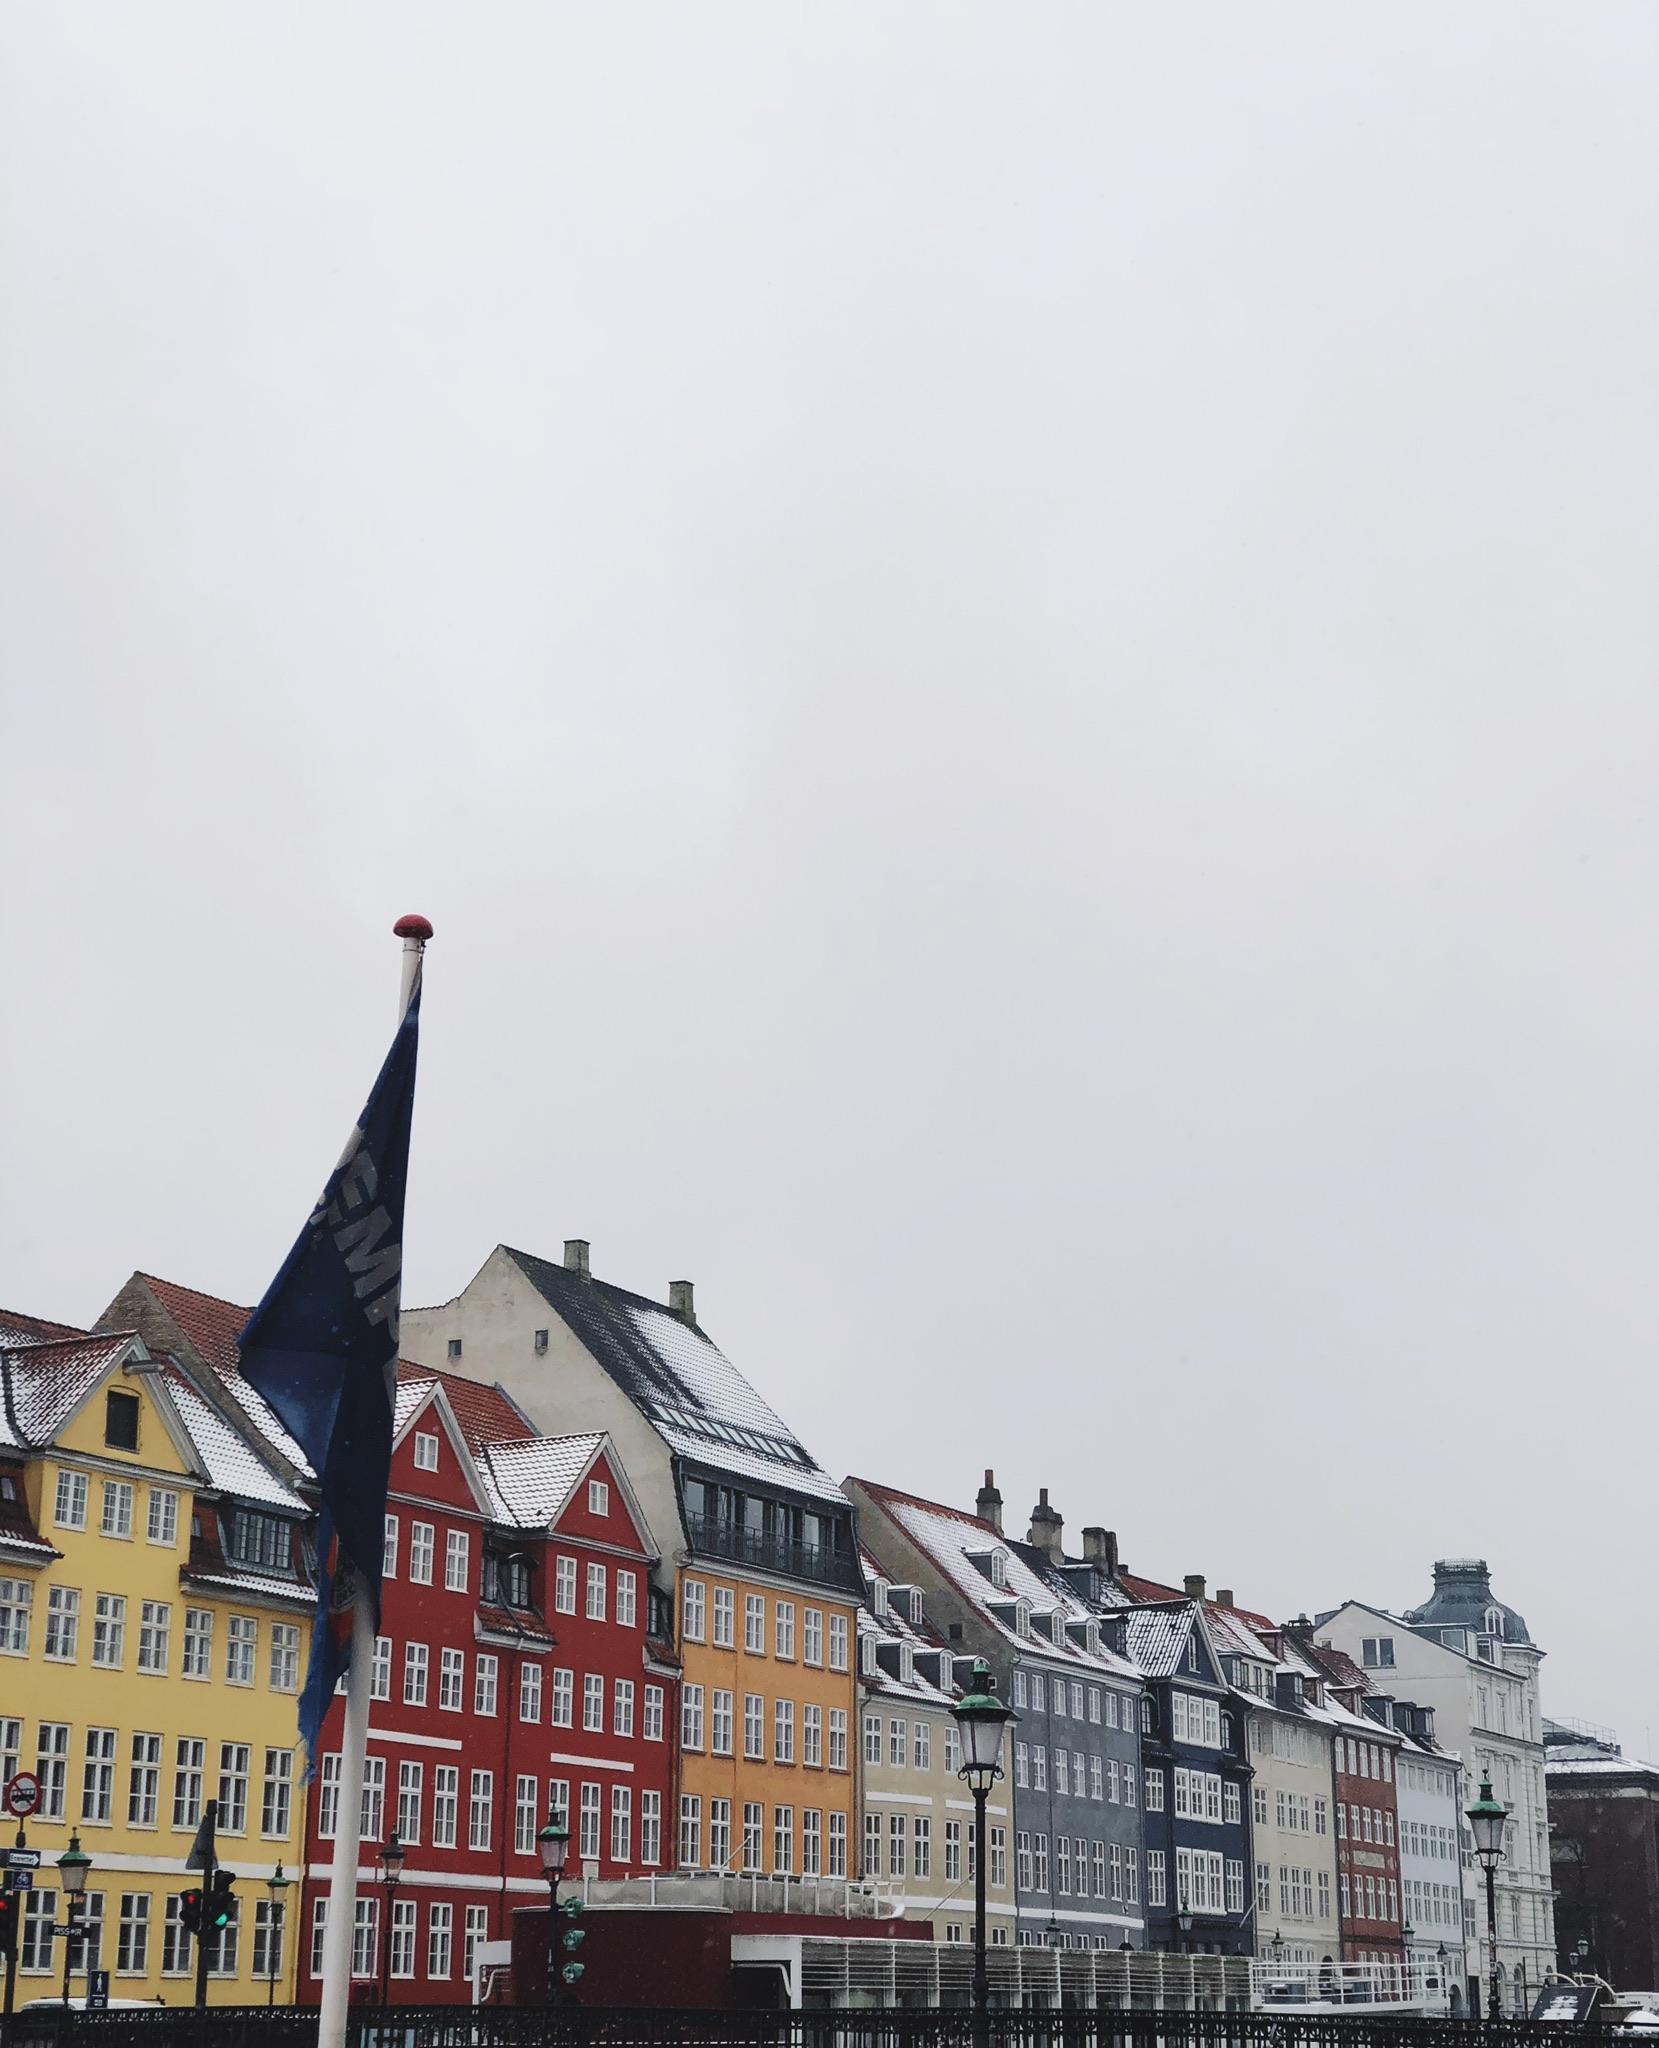 Copenhagen, 2018